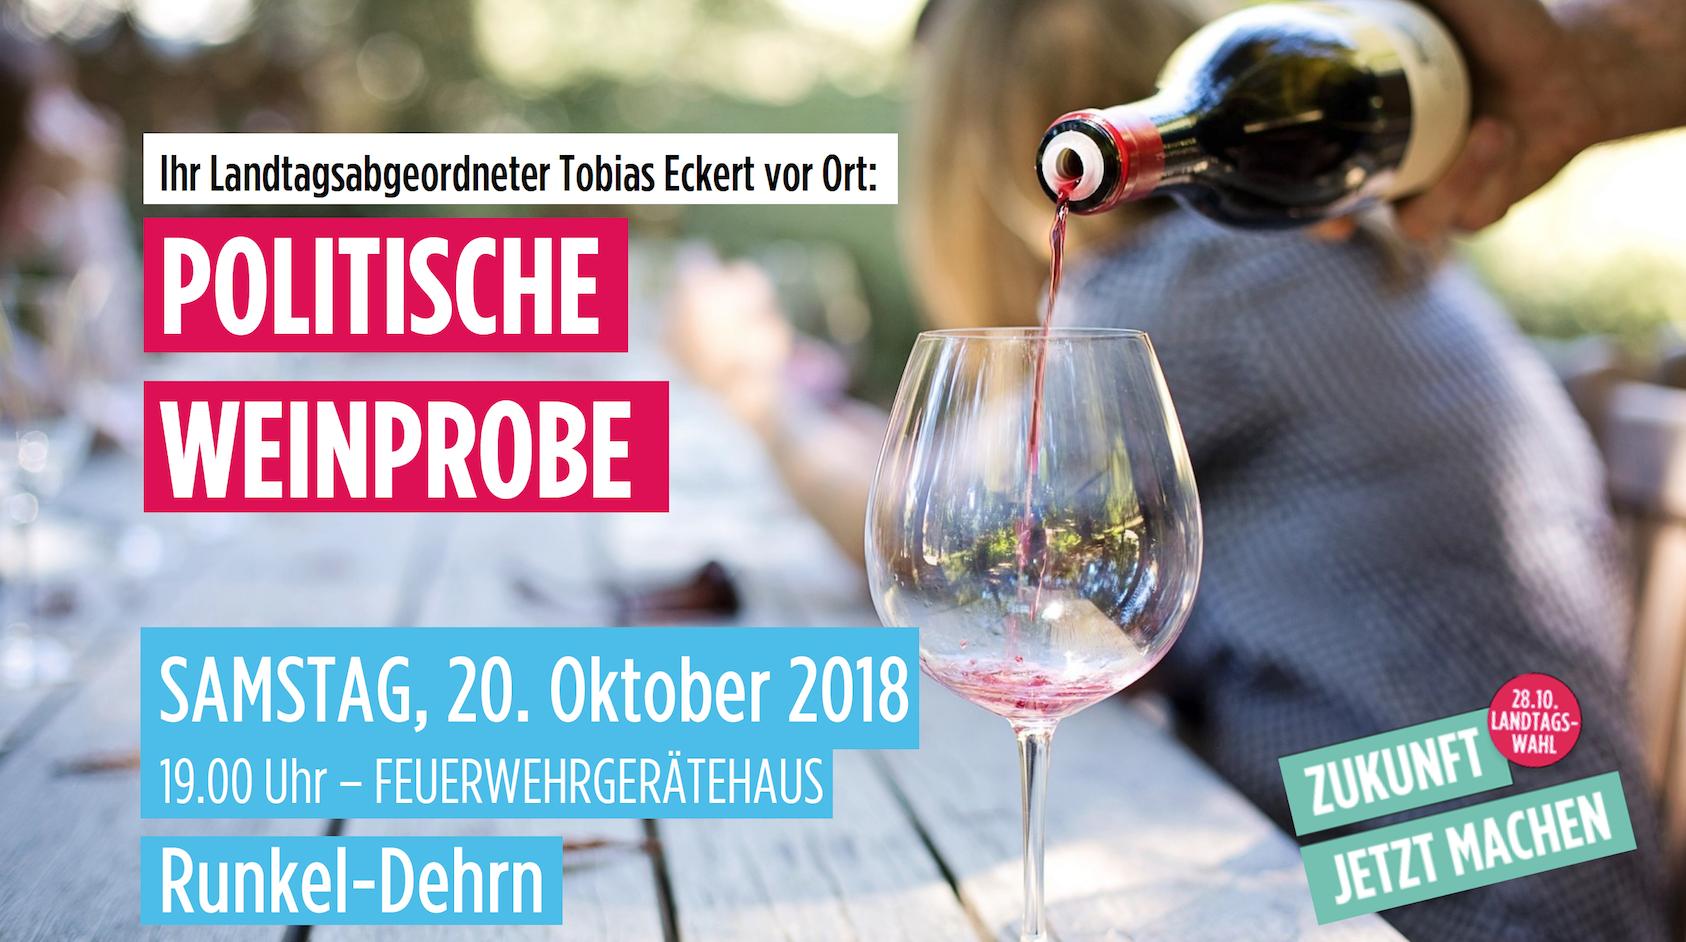 Politische Weinprobe mit Tobias Eckert